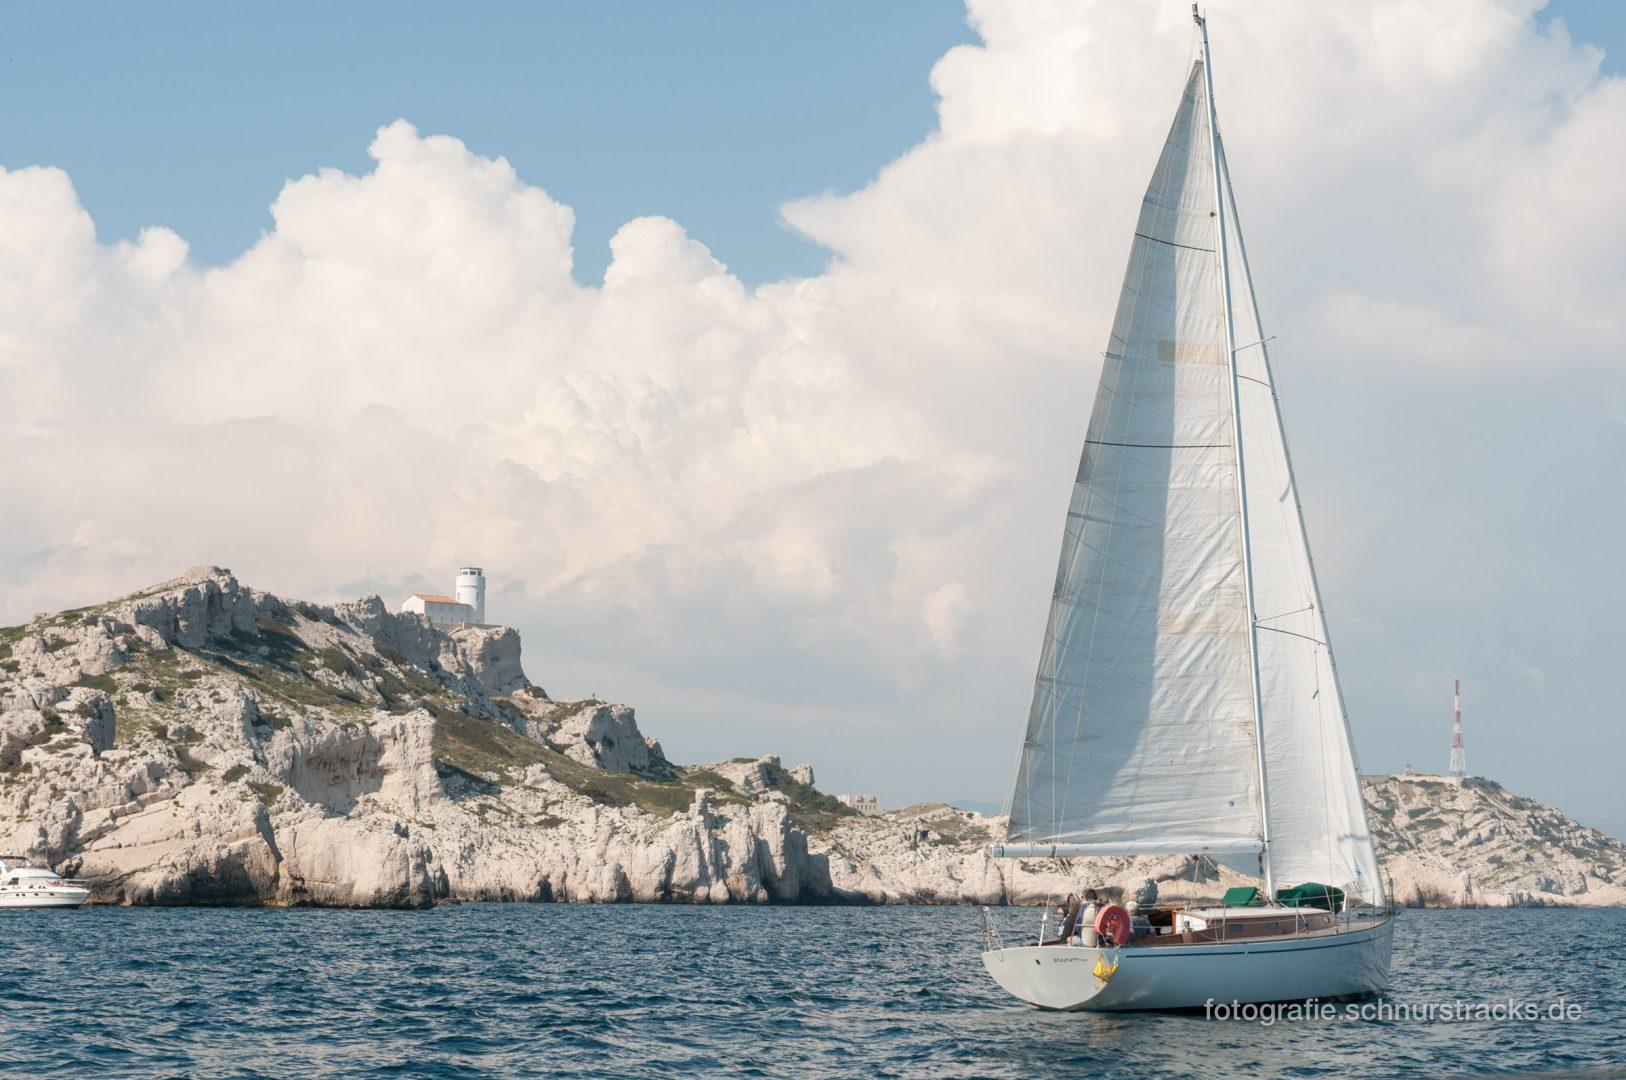 Segelboot vor Frioul #1226